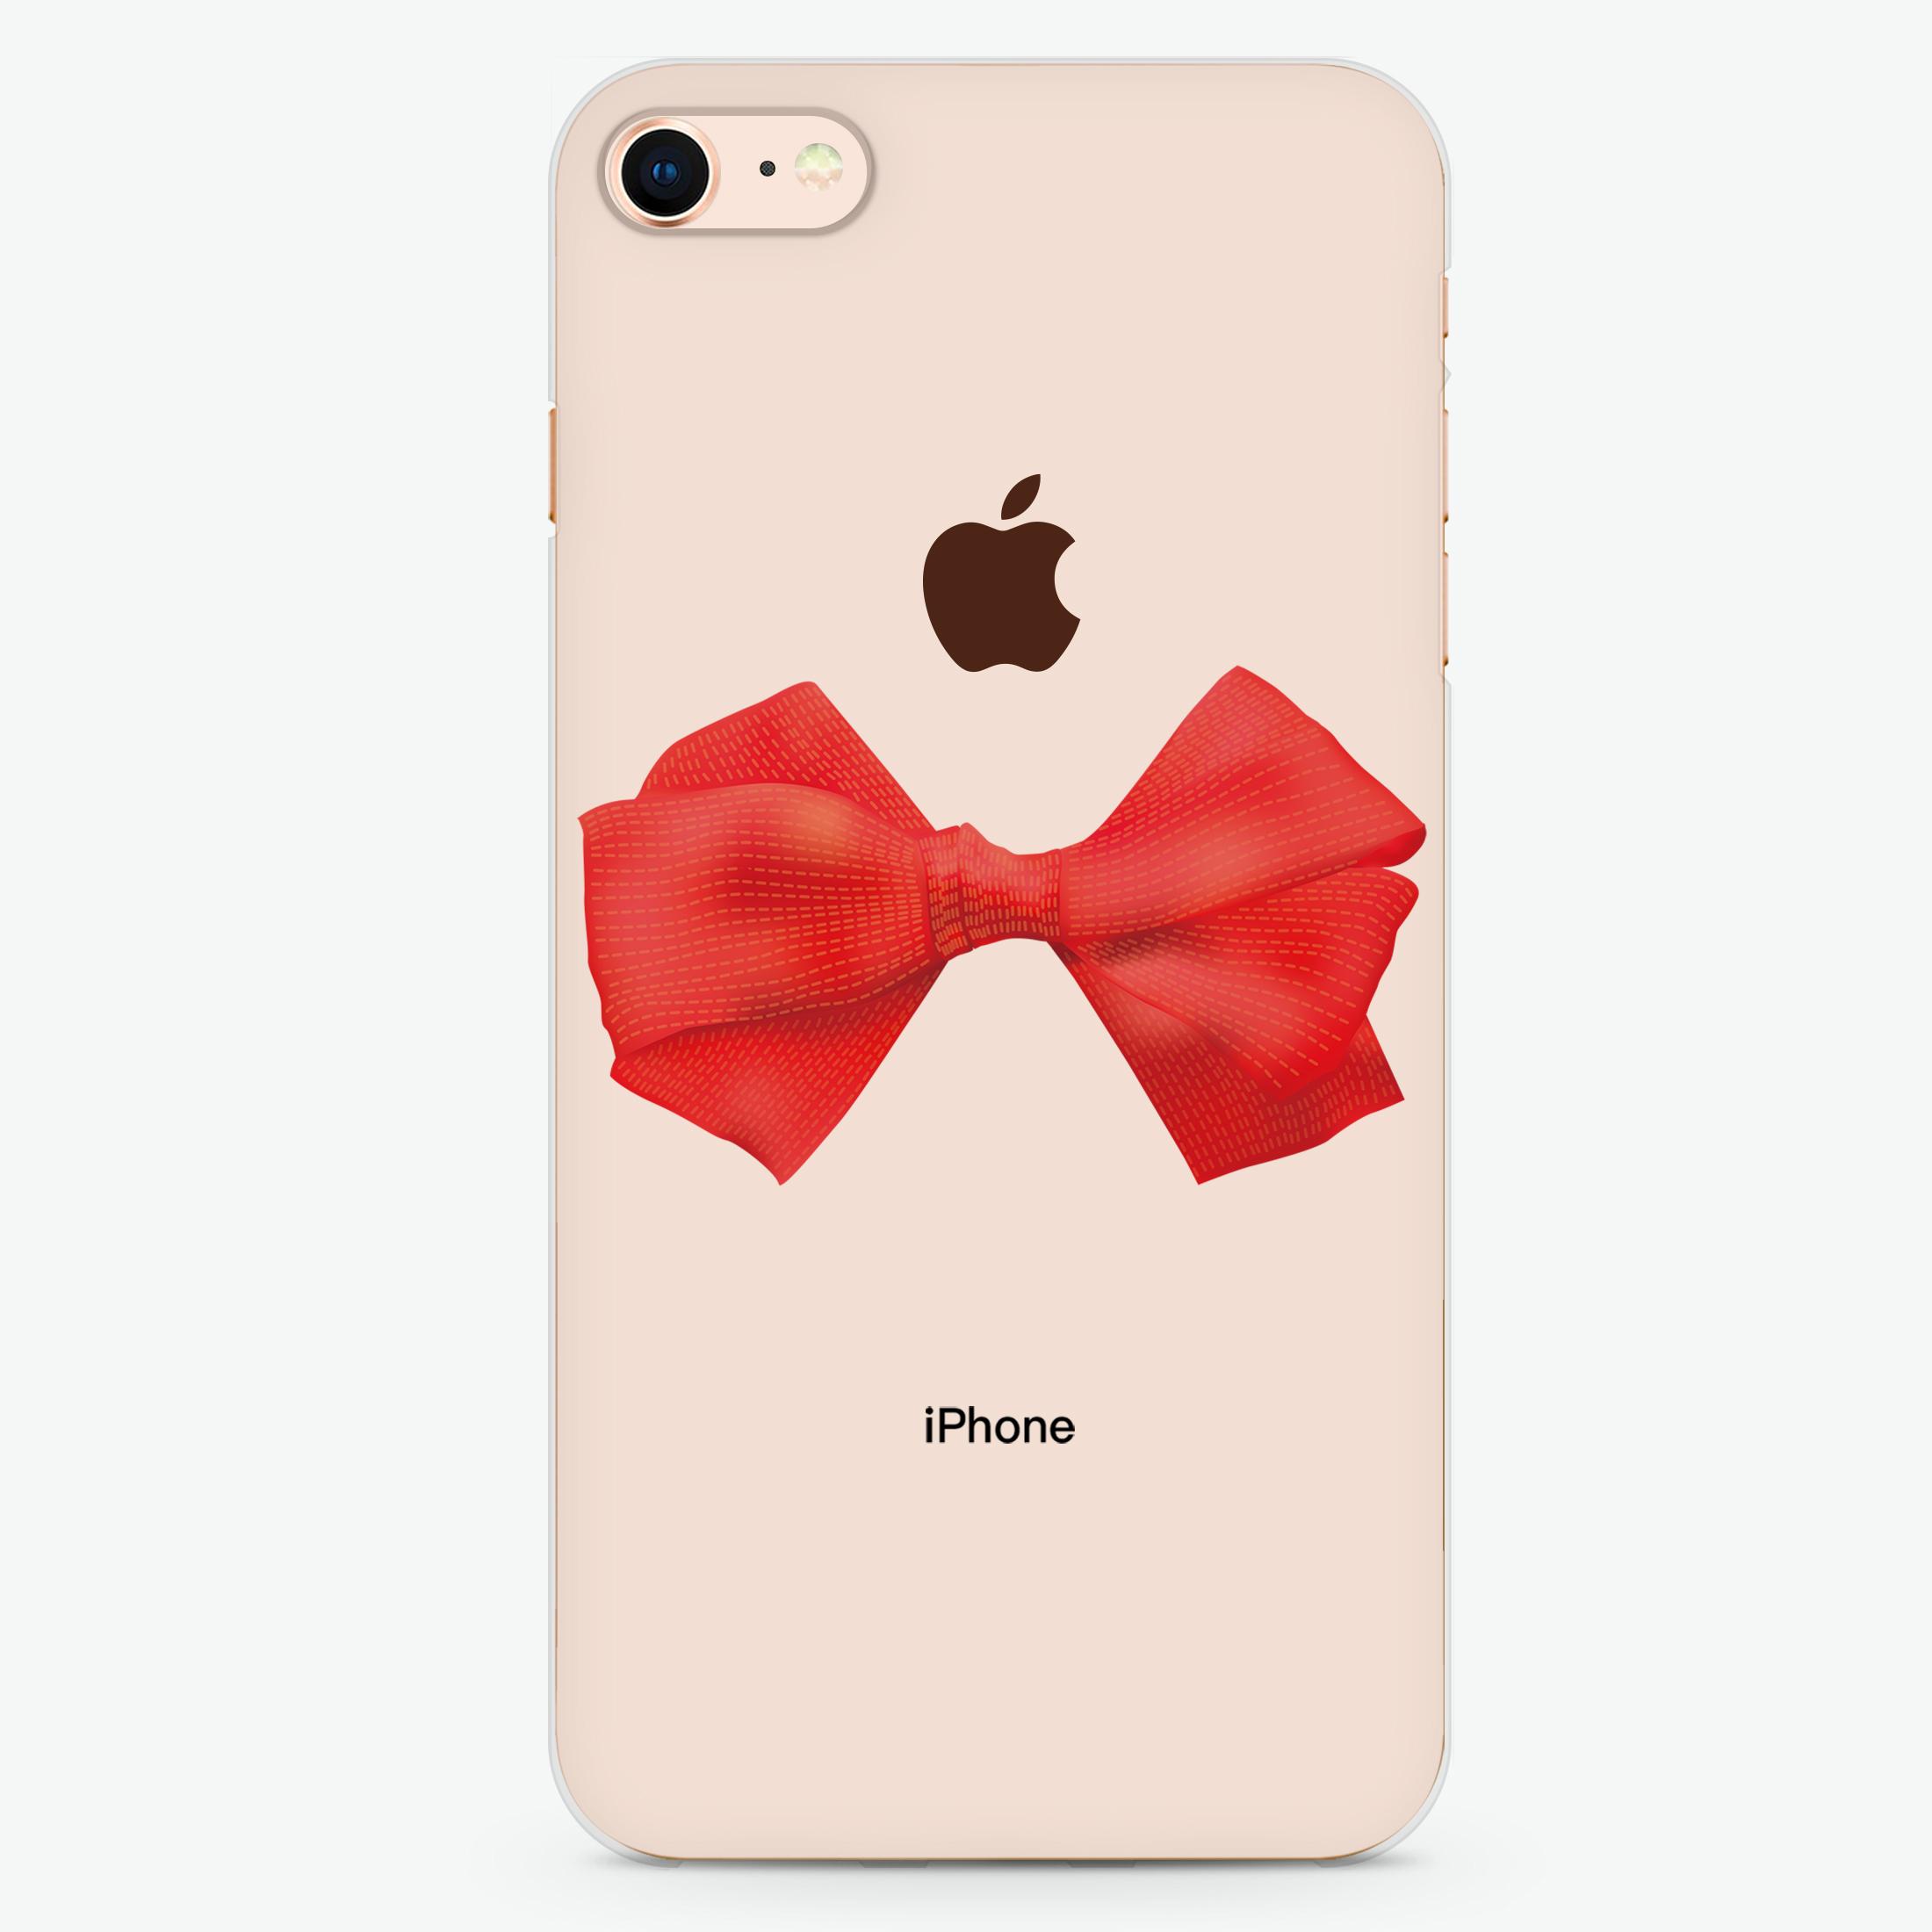 Red Bow iPhone 8 Cases - Hanogram – Hanogram